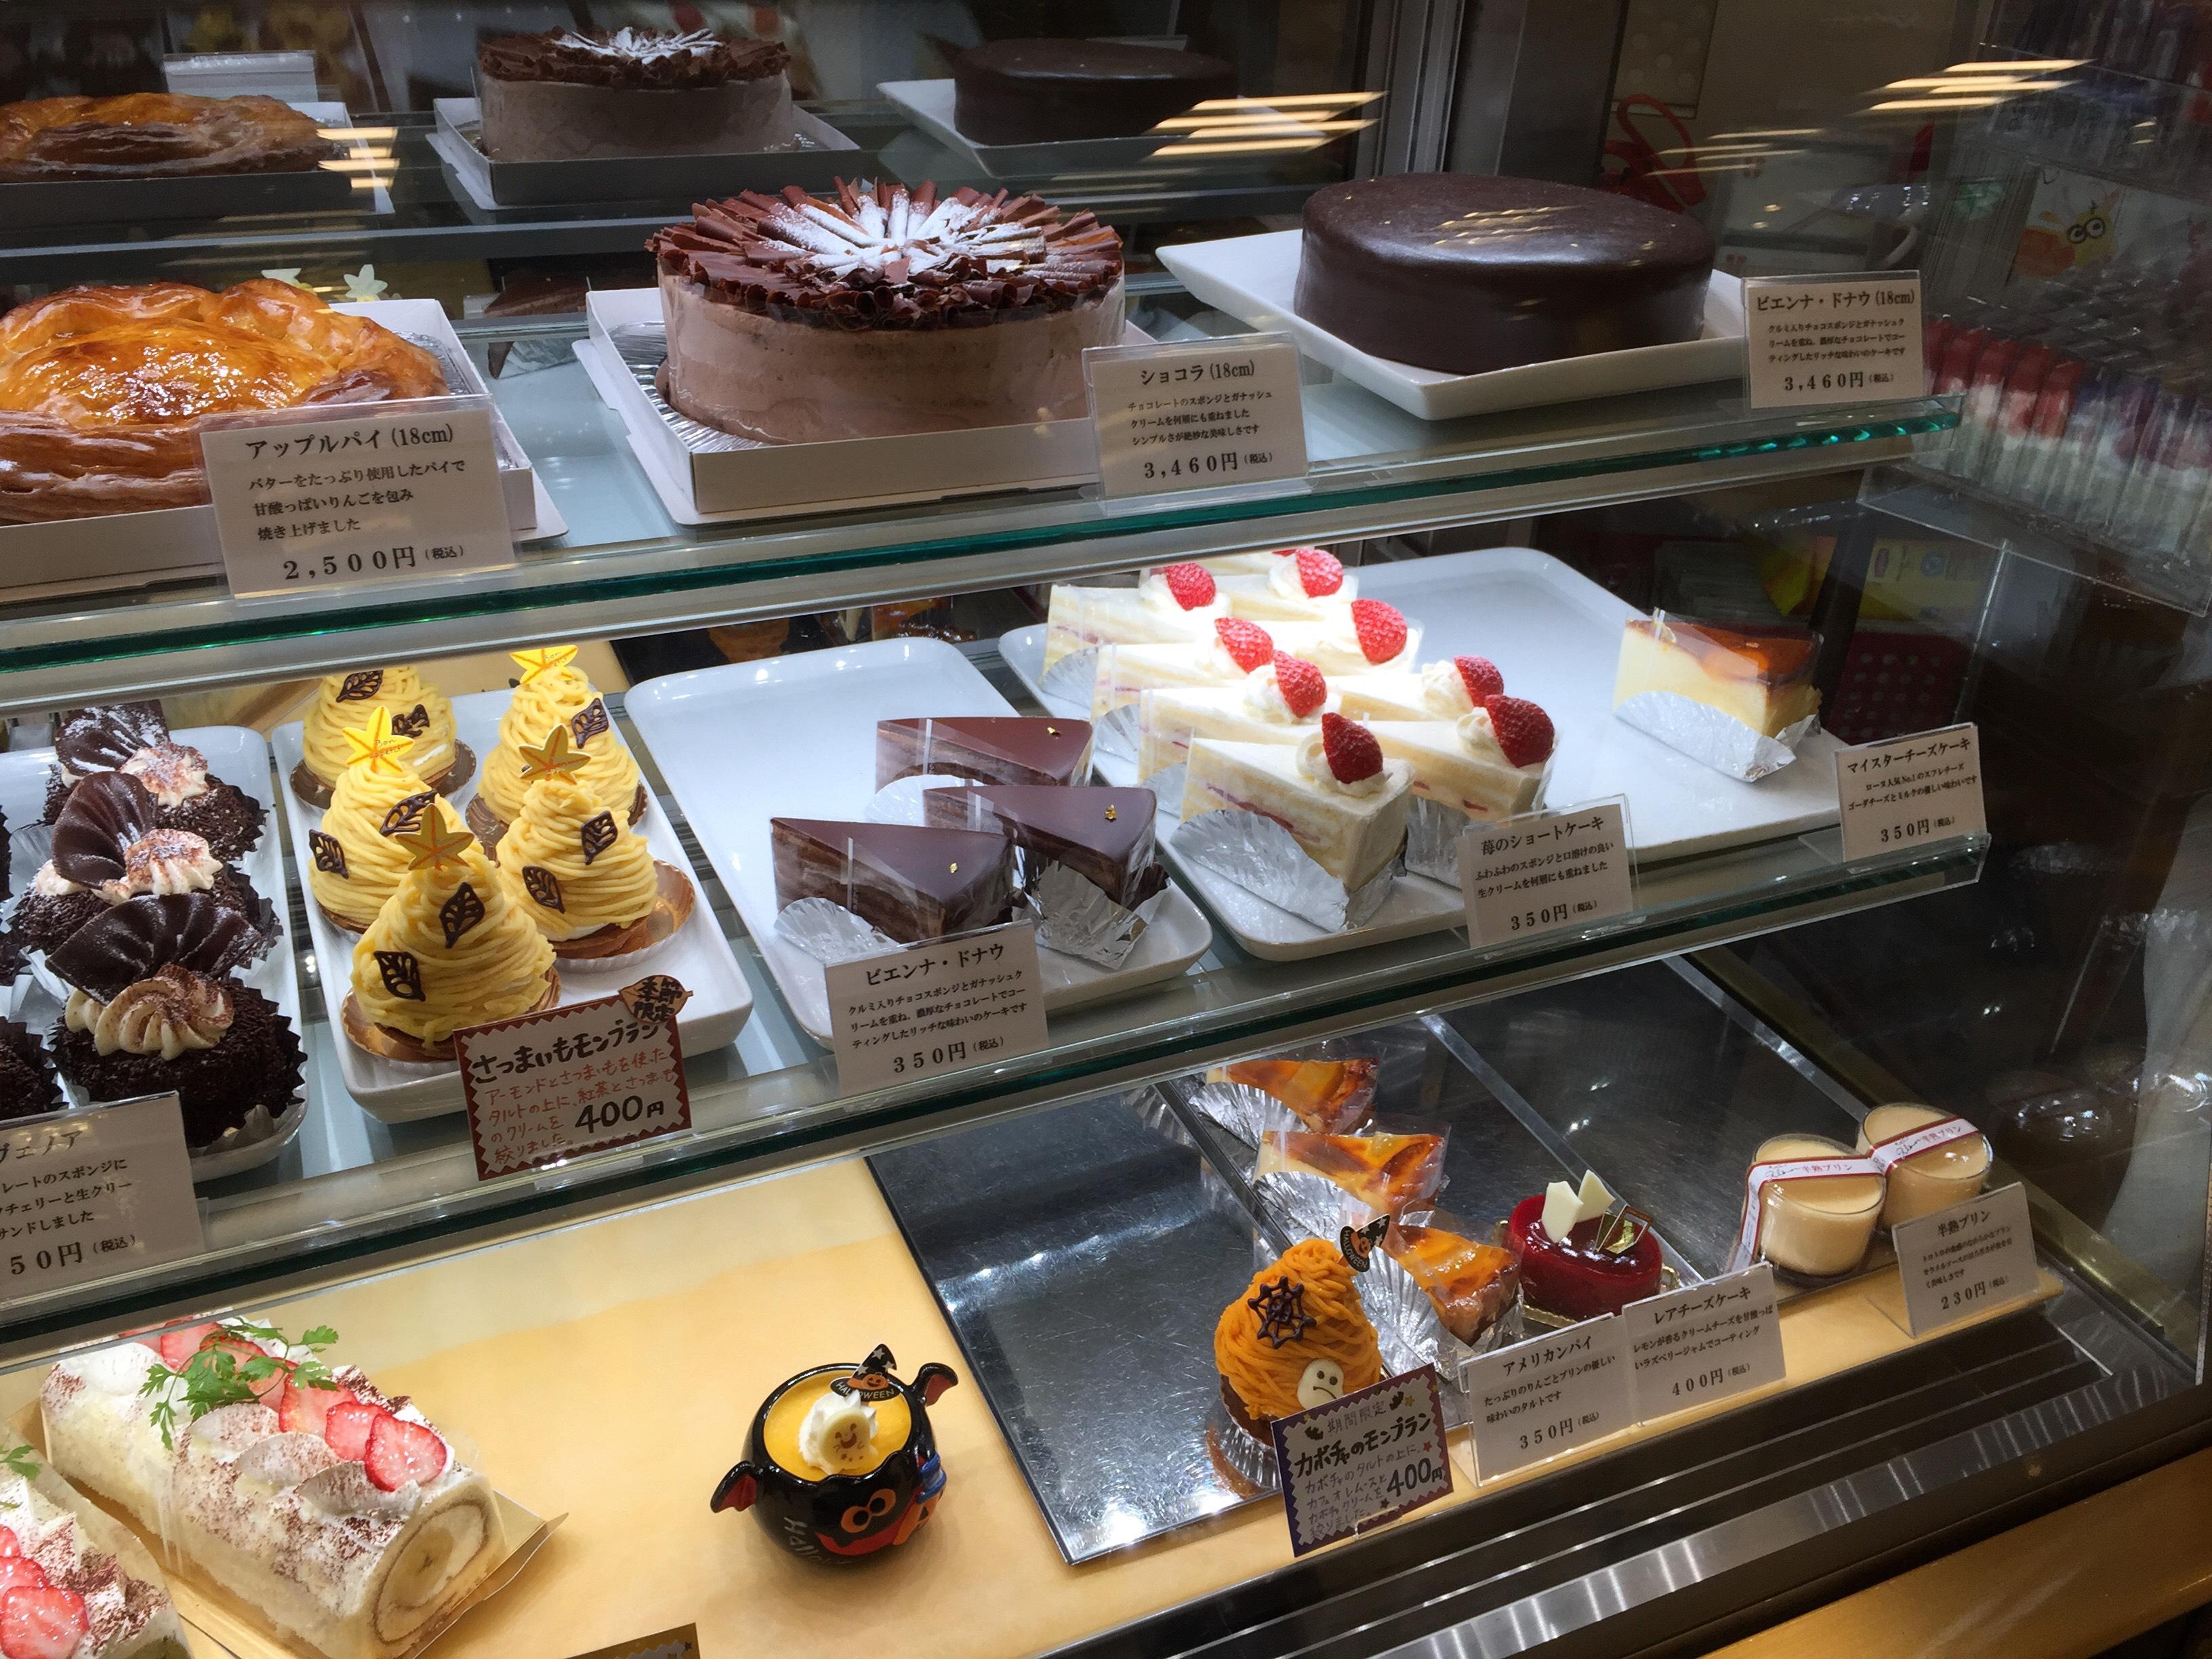 スイス菓子 ローヌ 山科